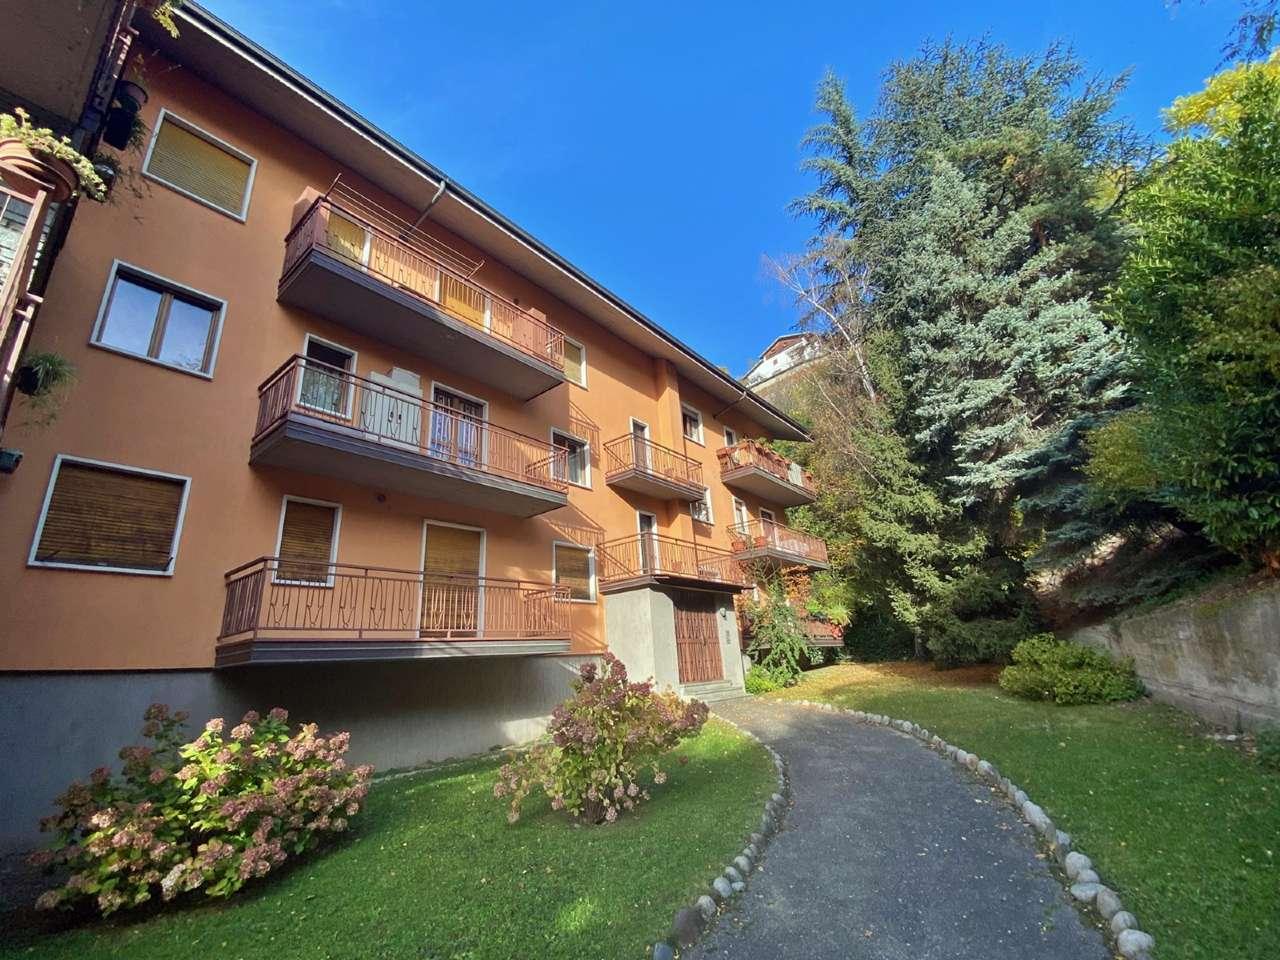 Appartamento in vendita a Aosta, 4 locali, prezzo € 169.000 | CambioCasa.it